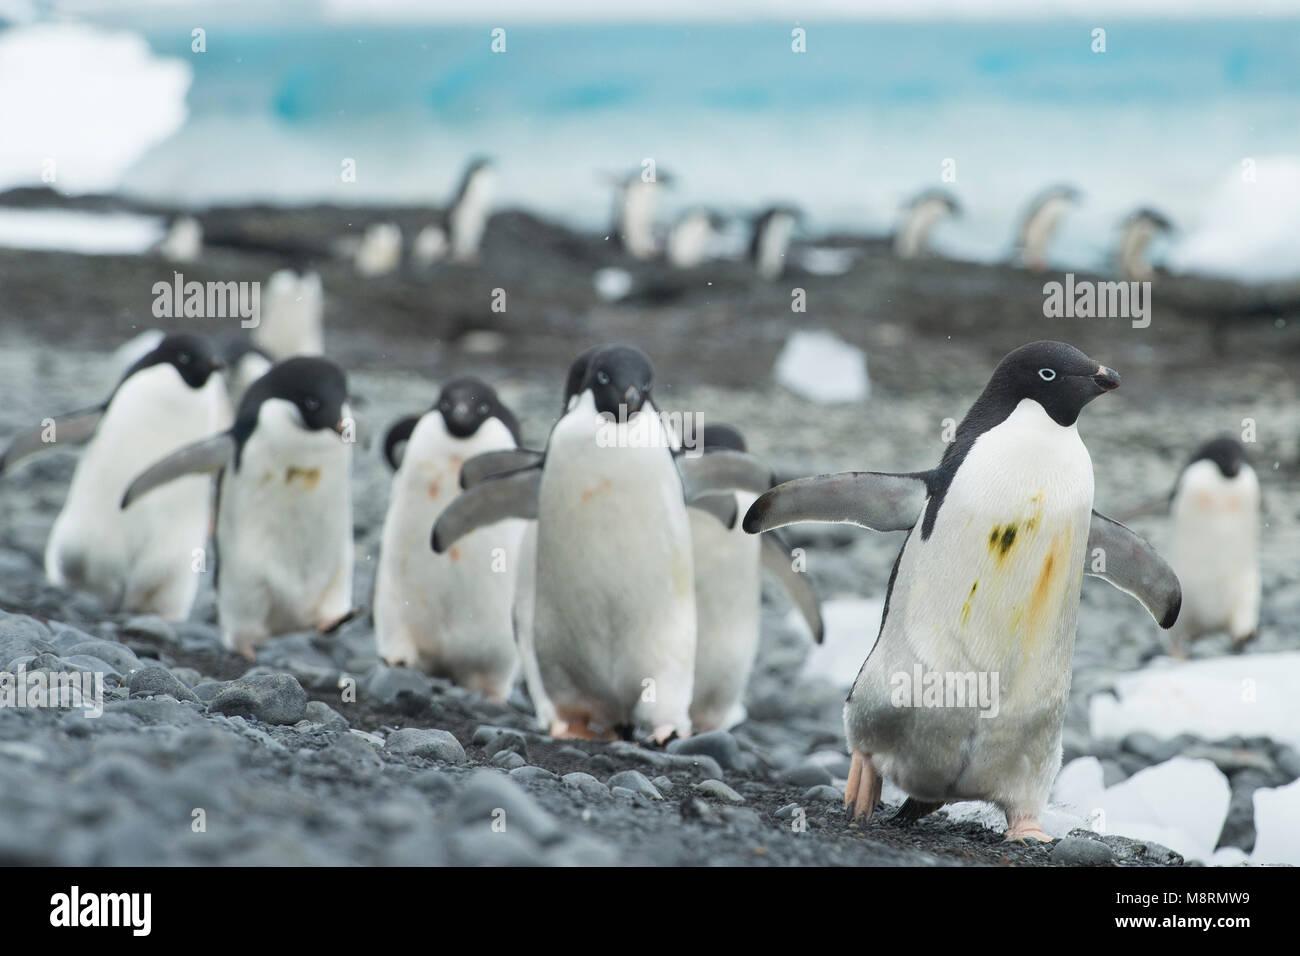 Gruppen von Adelie Pinguine Spaziergang entlang der Küste bei Brown Bluff, Antarktis. Stockfoto